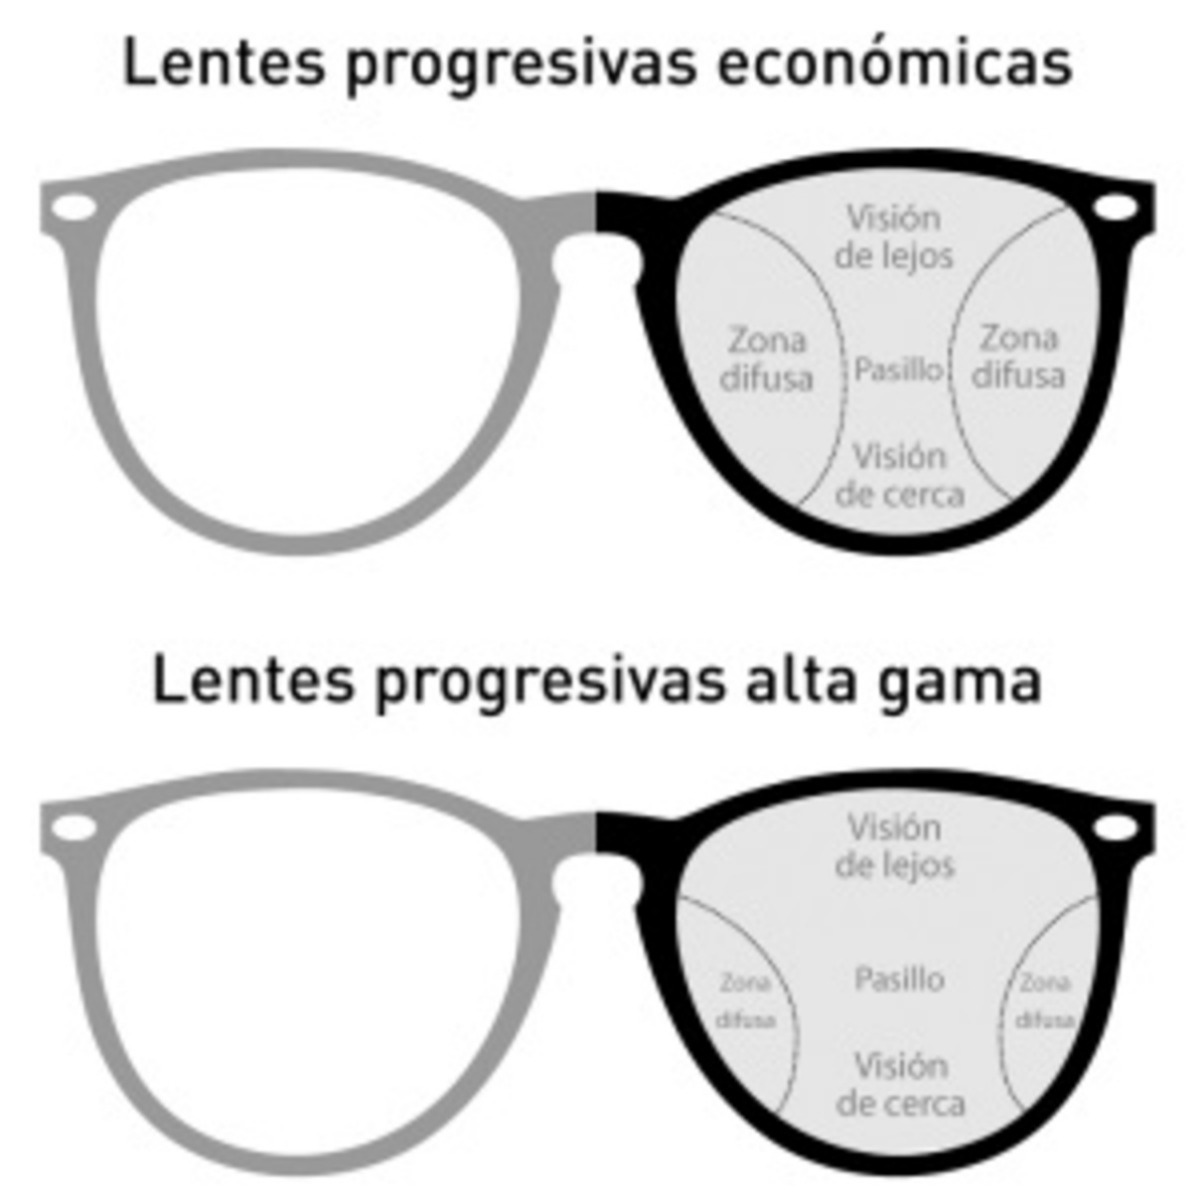 4fda703c010b1 Óptica Pisani - Óptico Anteojos Recetados Armazones Lentes -   11